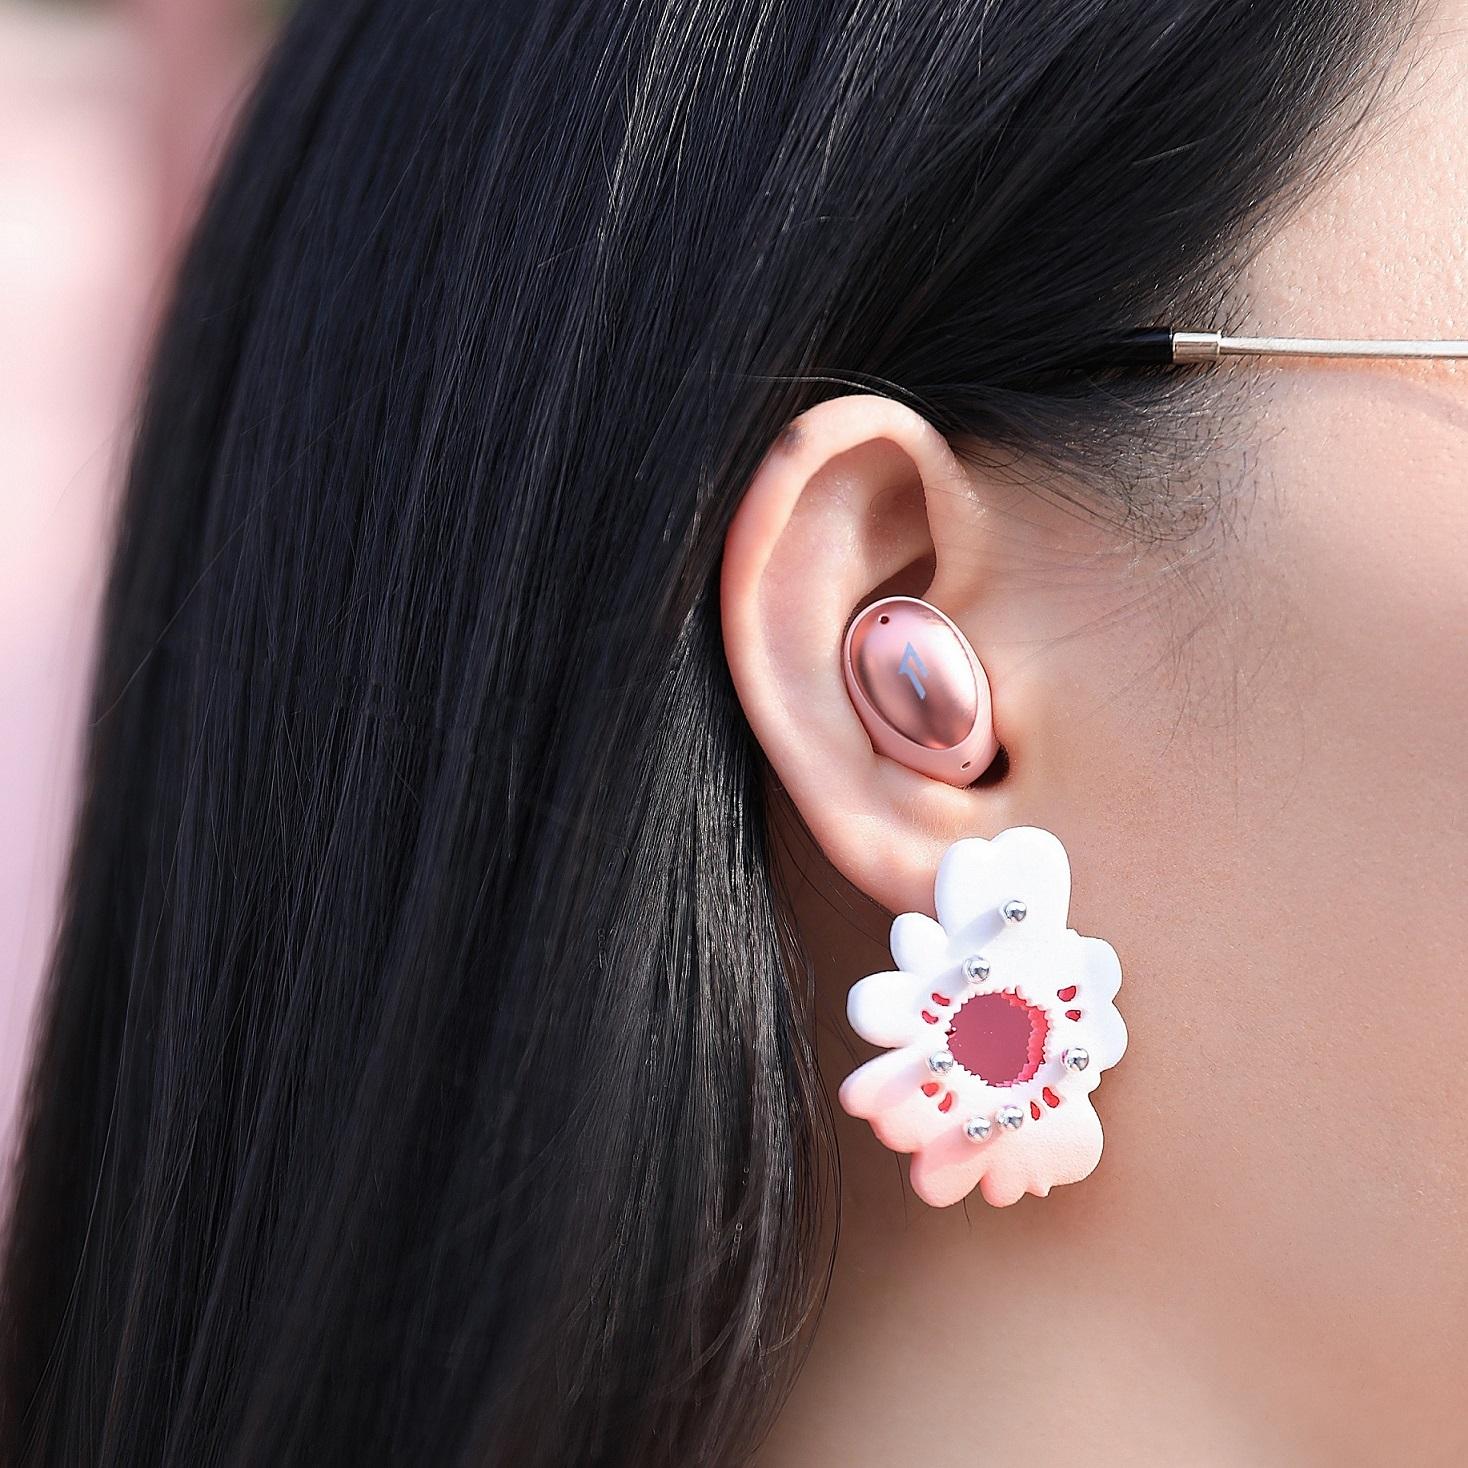 1MORE ColorBuds時尚豆真無線耳機採用符合人體工學設計,提供不同尺寸的入耳式矽膠耳套,能依照個人的耳廓大小自由搭配